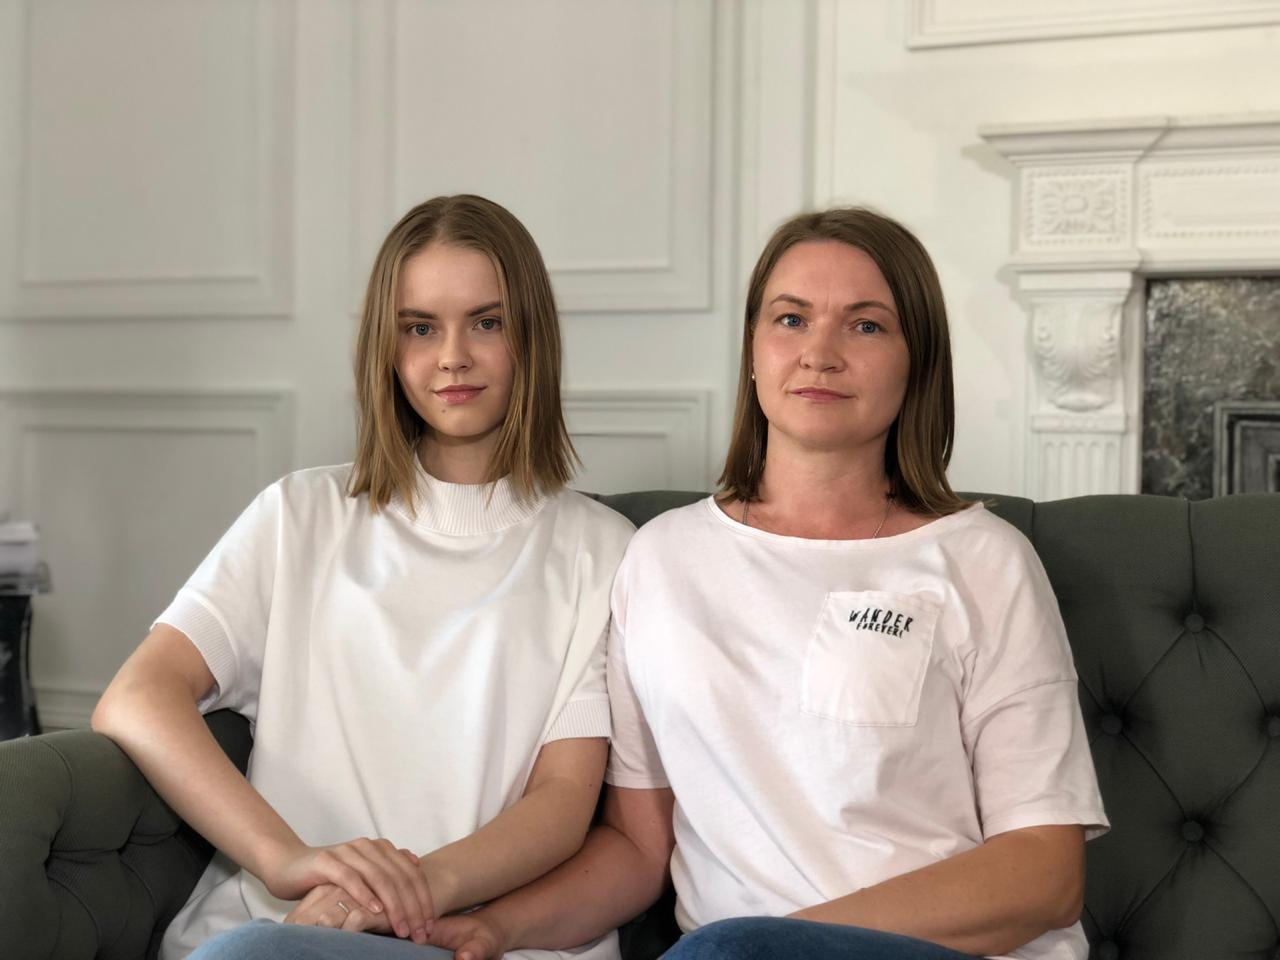 София Гридасова: «Если бы не мама, я бы не победила лимфому Ходжкина»